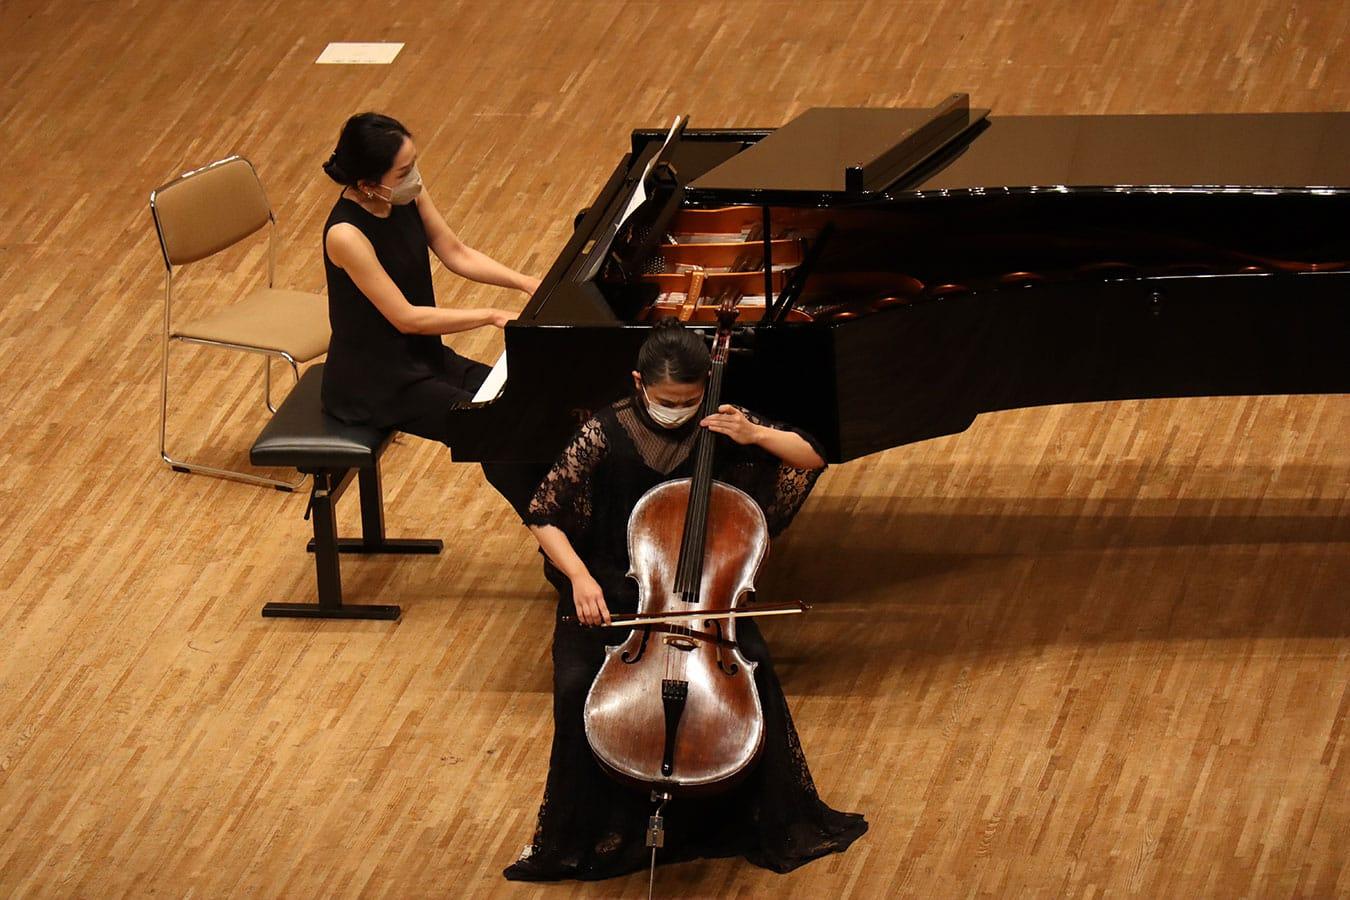 第4回学内演奏会 ―管打楽コース―演奏風景1